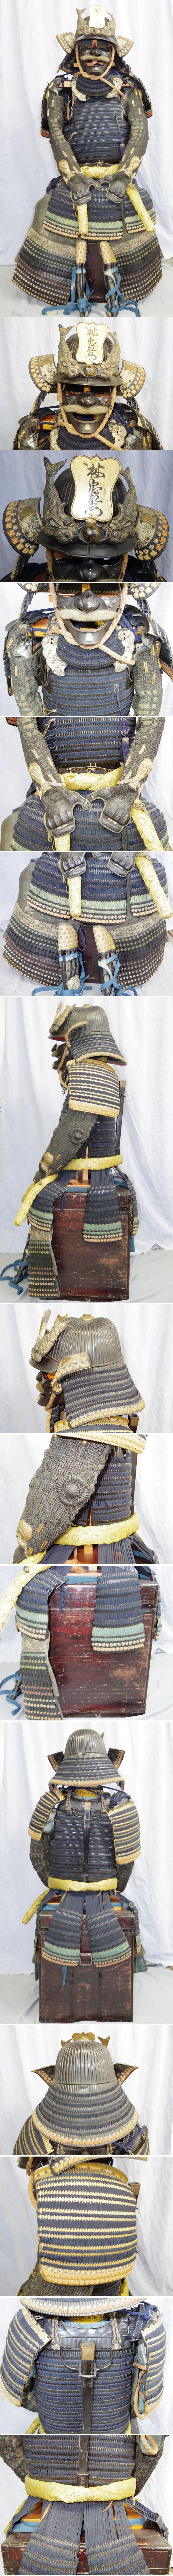 時代甲冑(州浜紋)各部分画像1